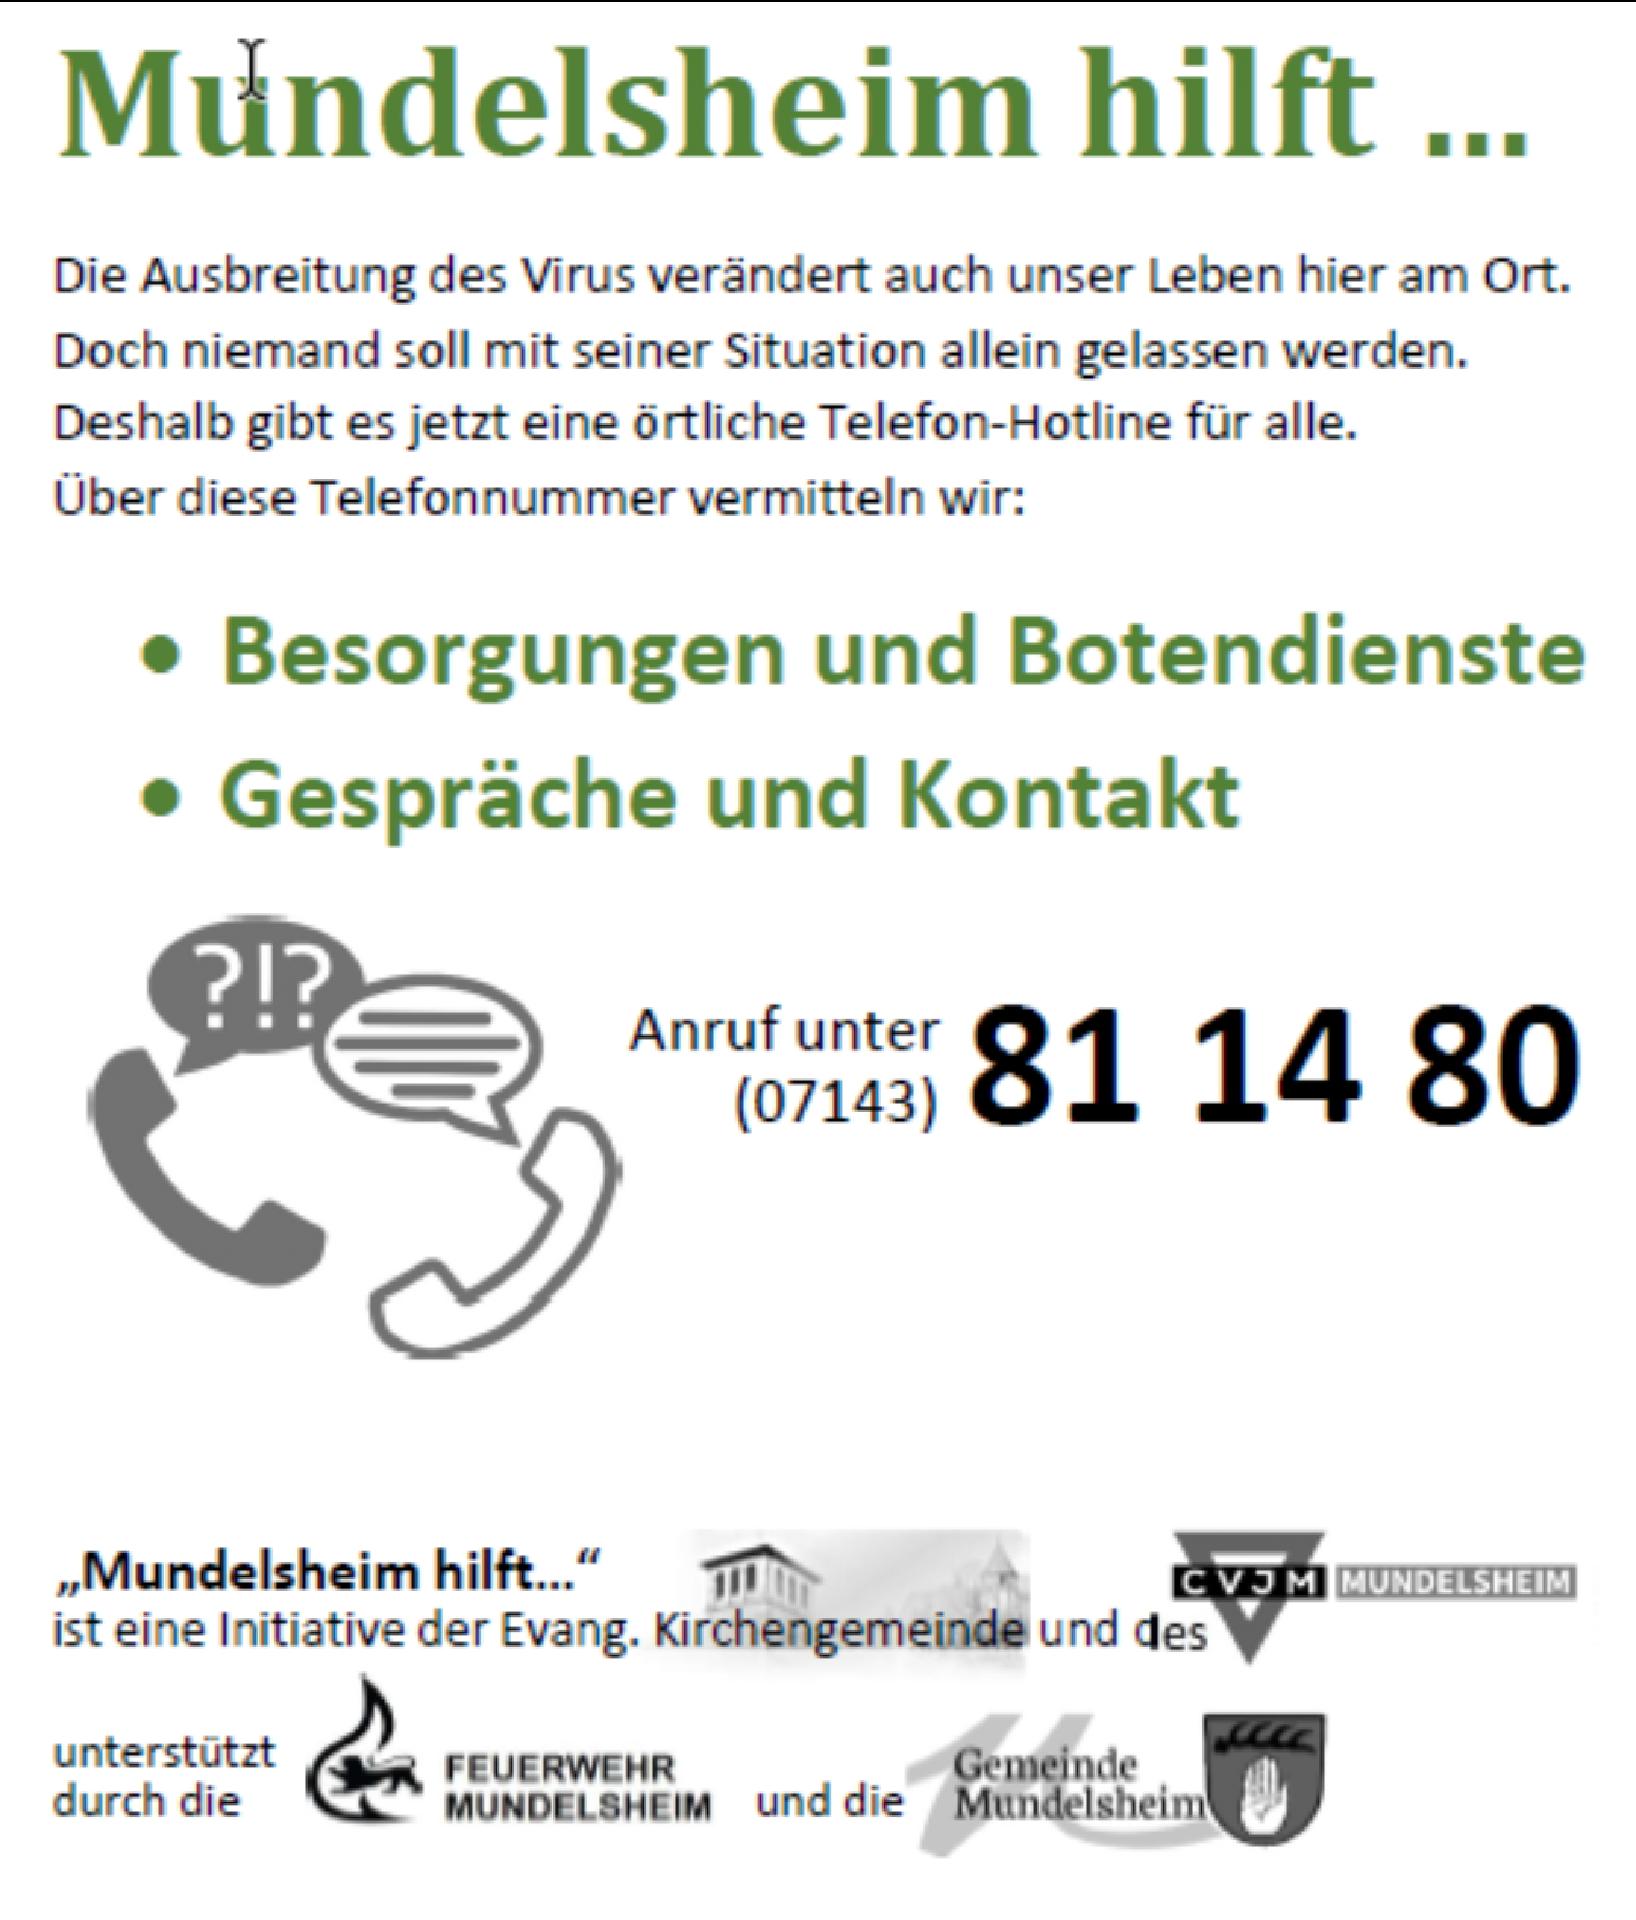 Mundelsheim hilft,_MEDIUM